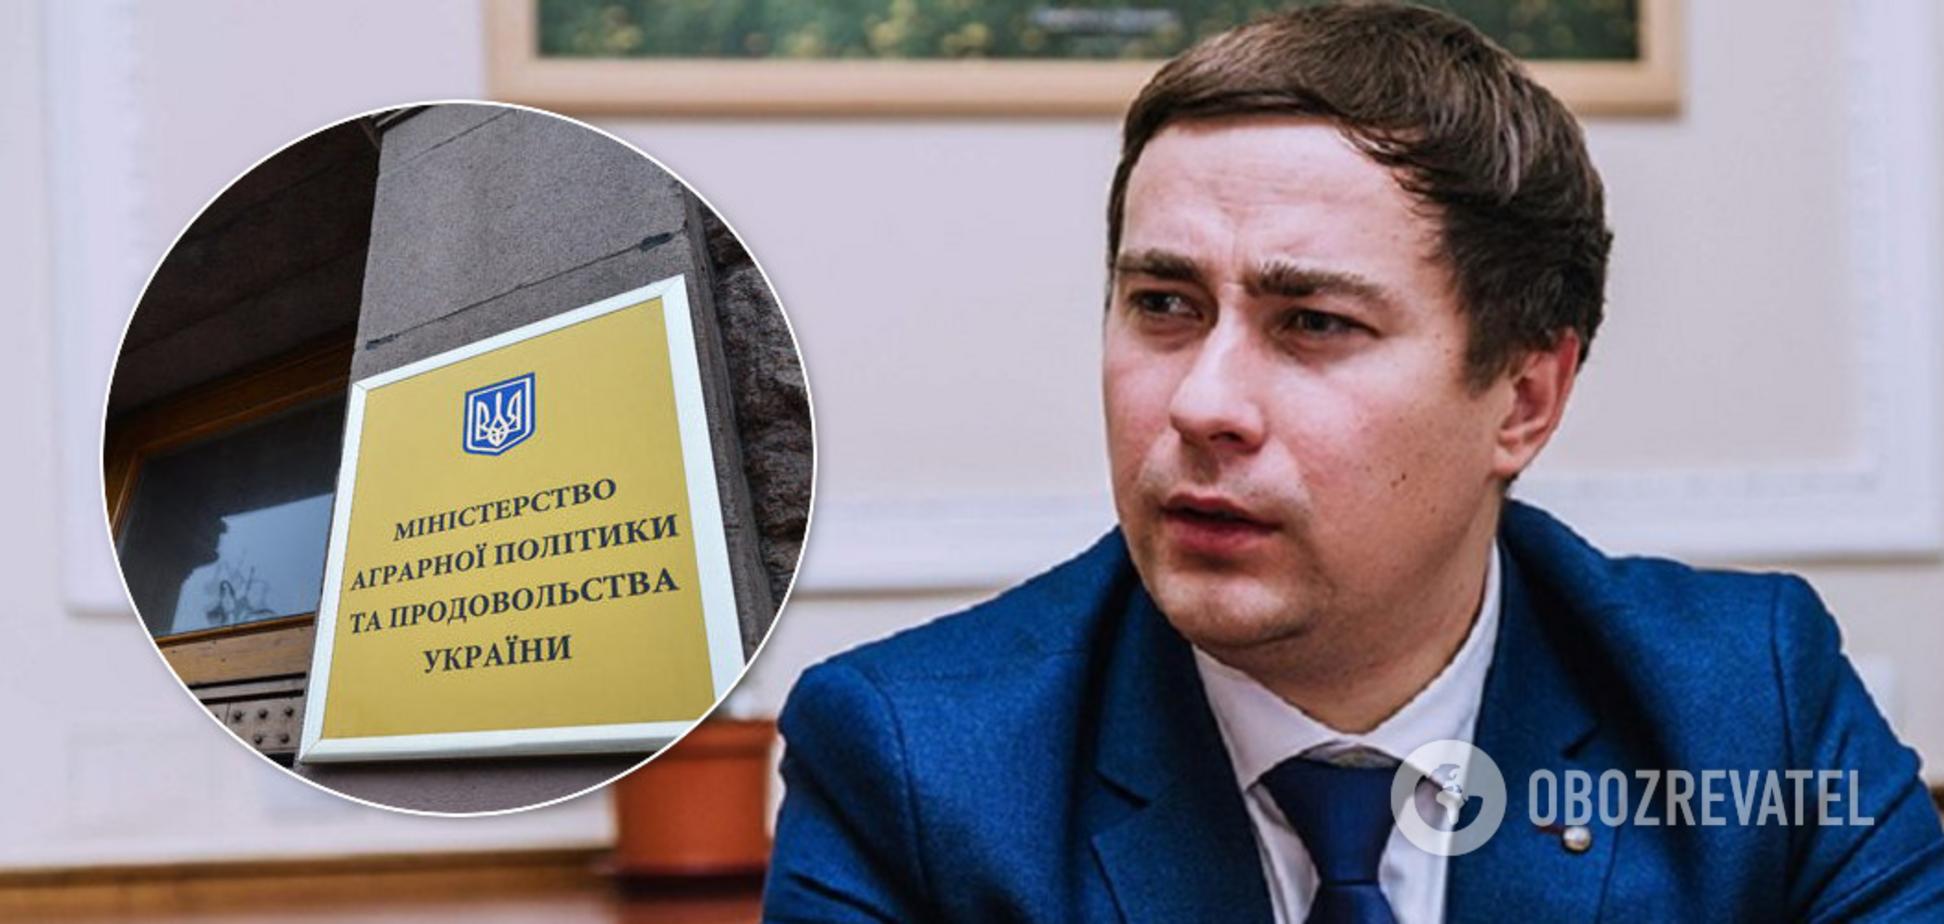 В Україні відновлять Міністерство агрополітики: названо дату